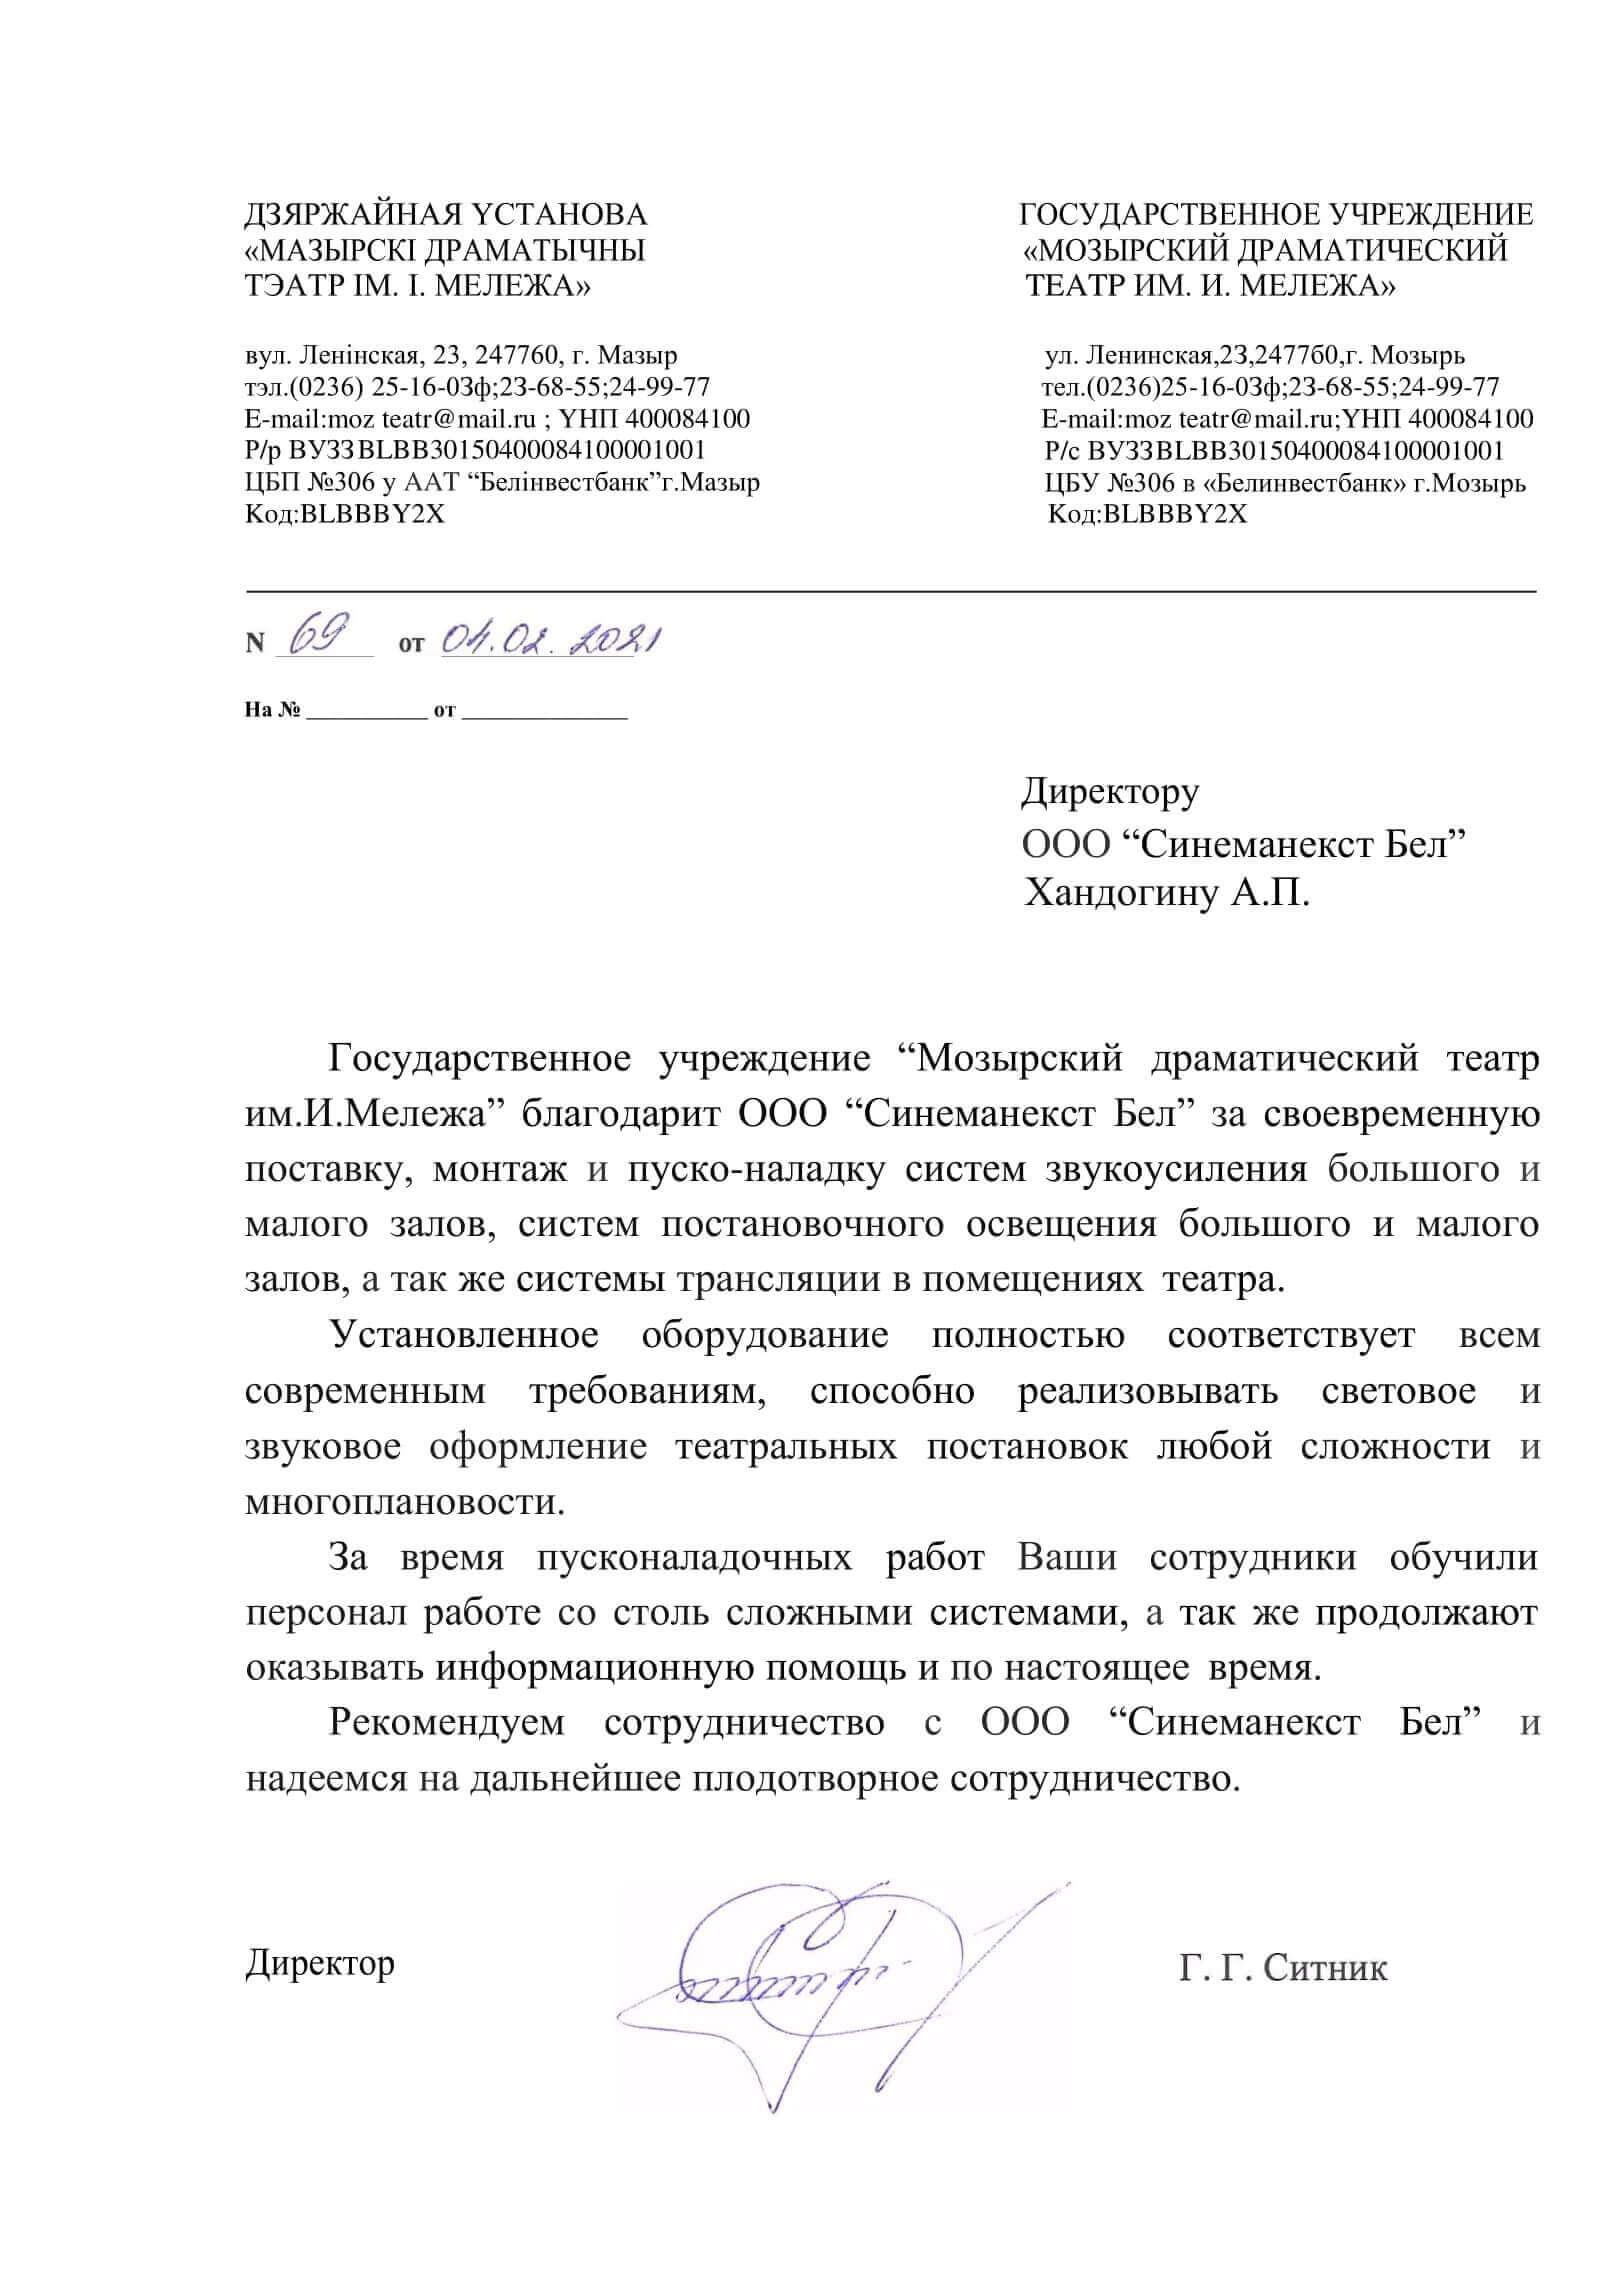 Мозырский драматический театр им.И.Мележа